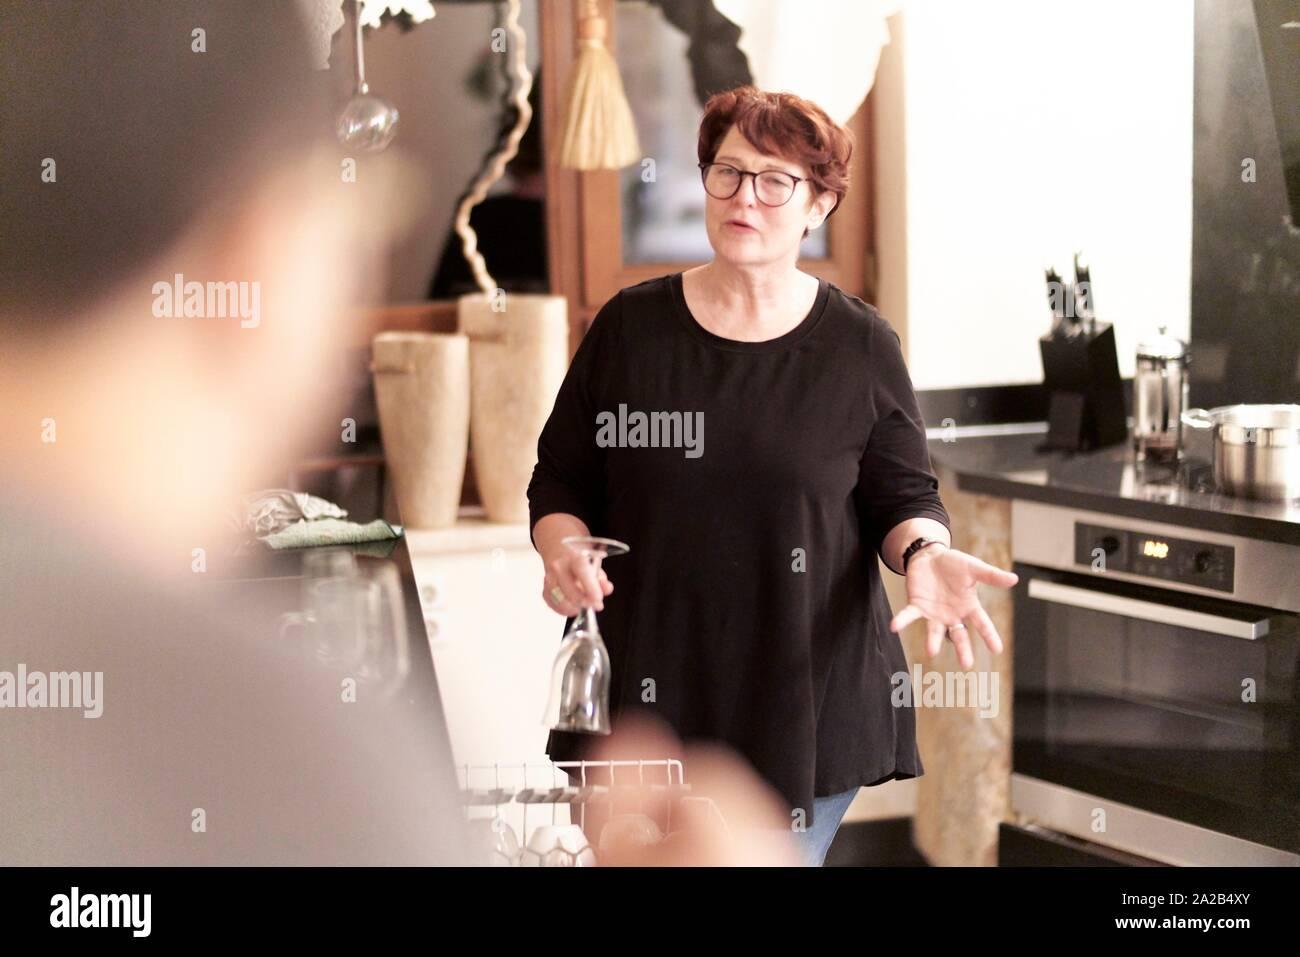 Frau im Gespräch mit Gegenstück in der Küche, während die Sortierung Geschirr in der Spülmaschine Stockfoto